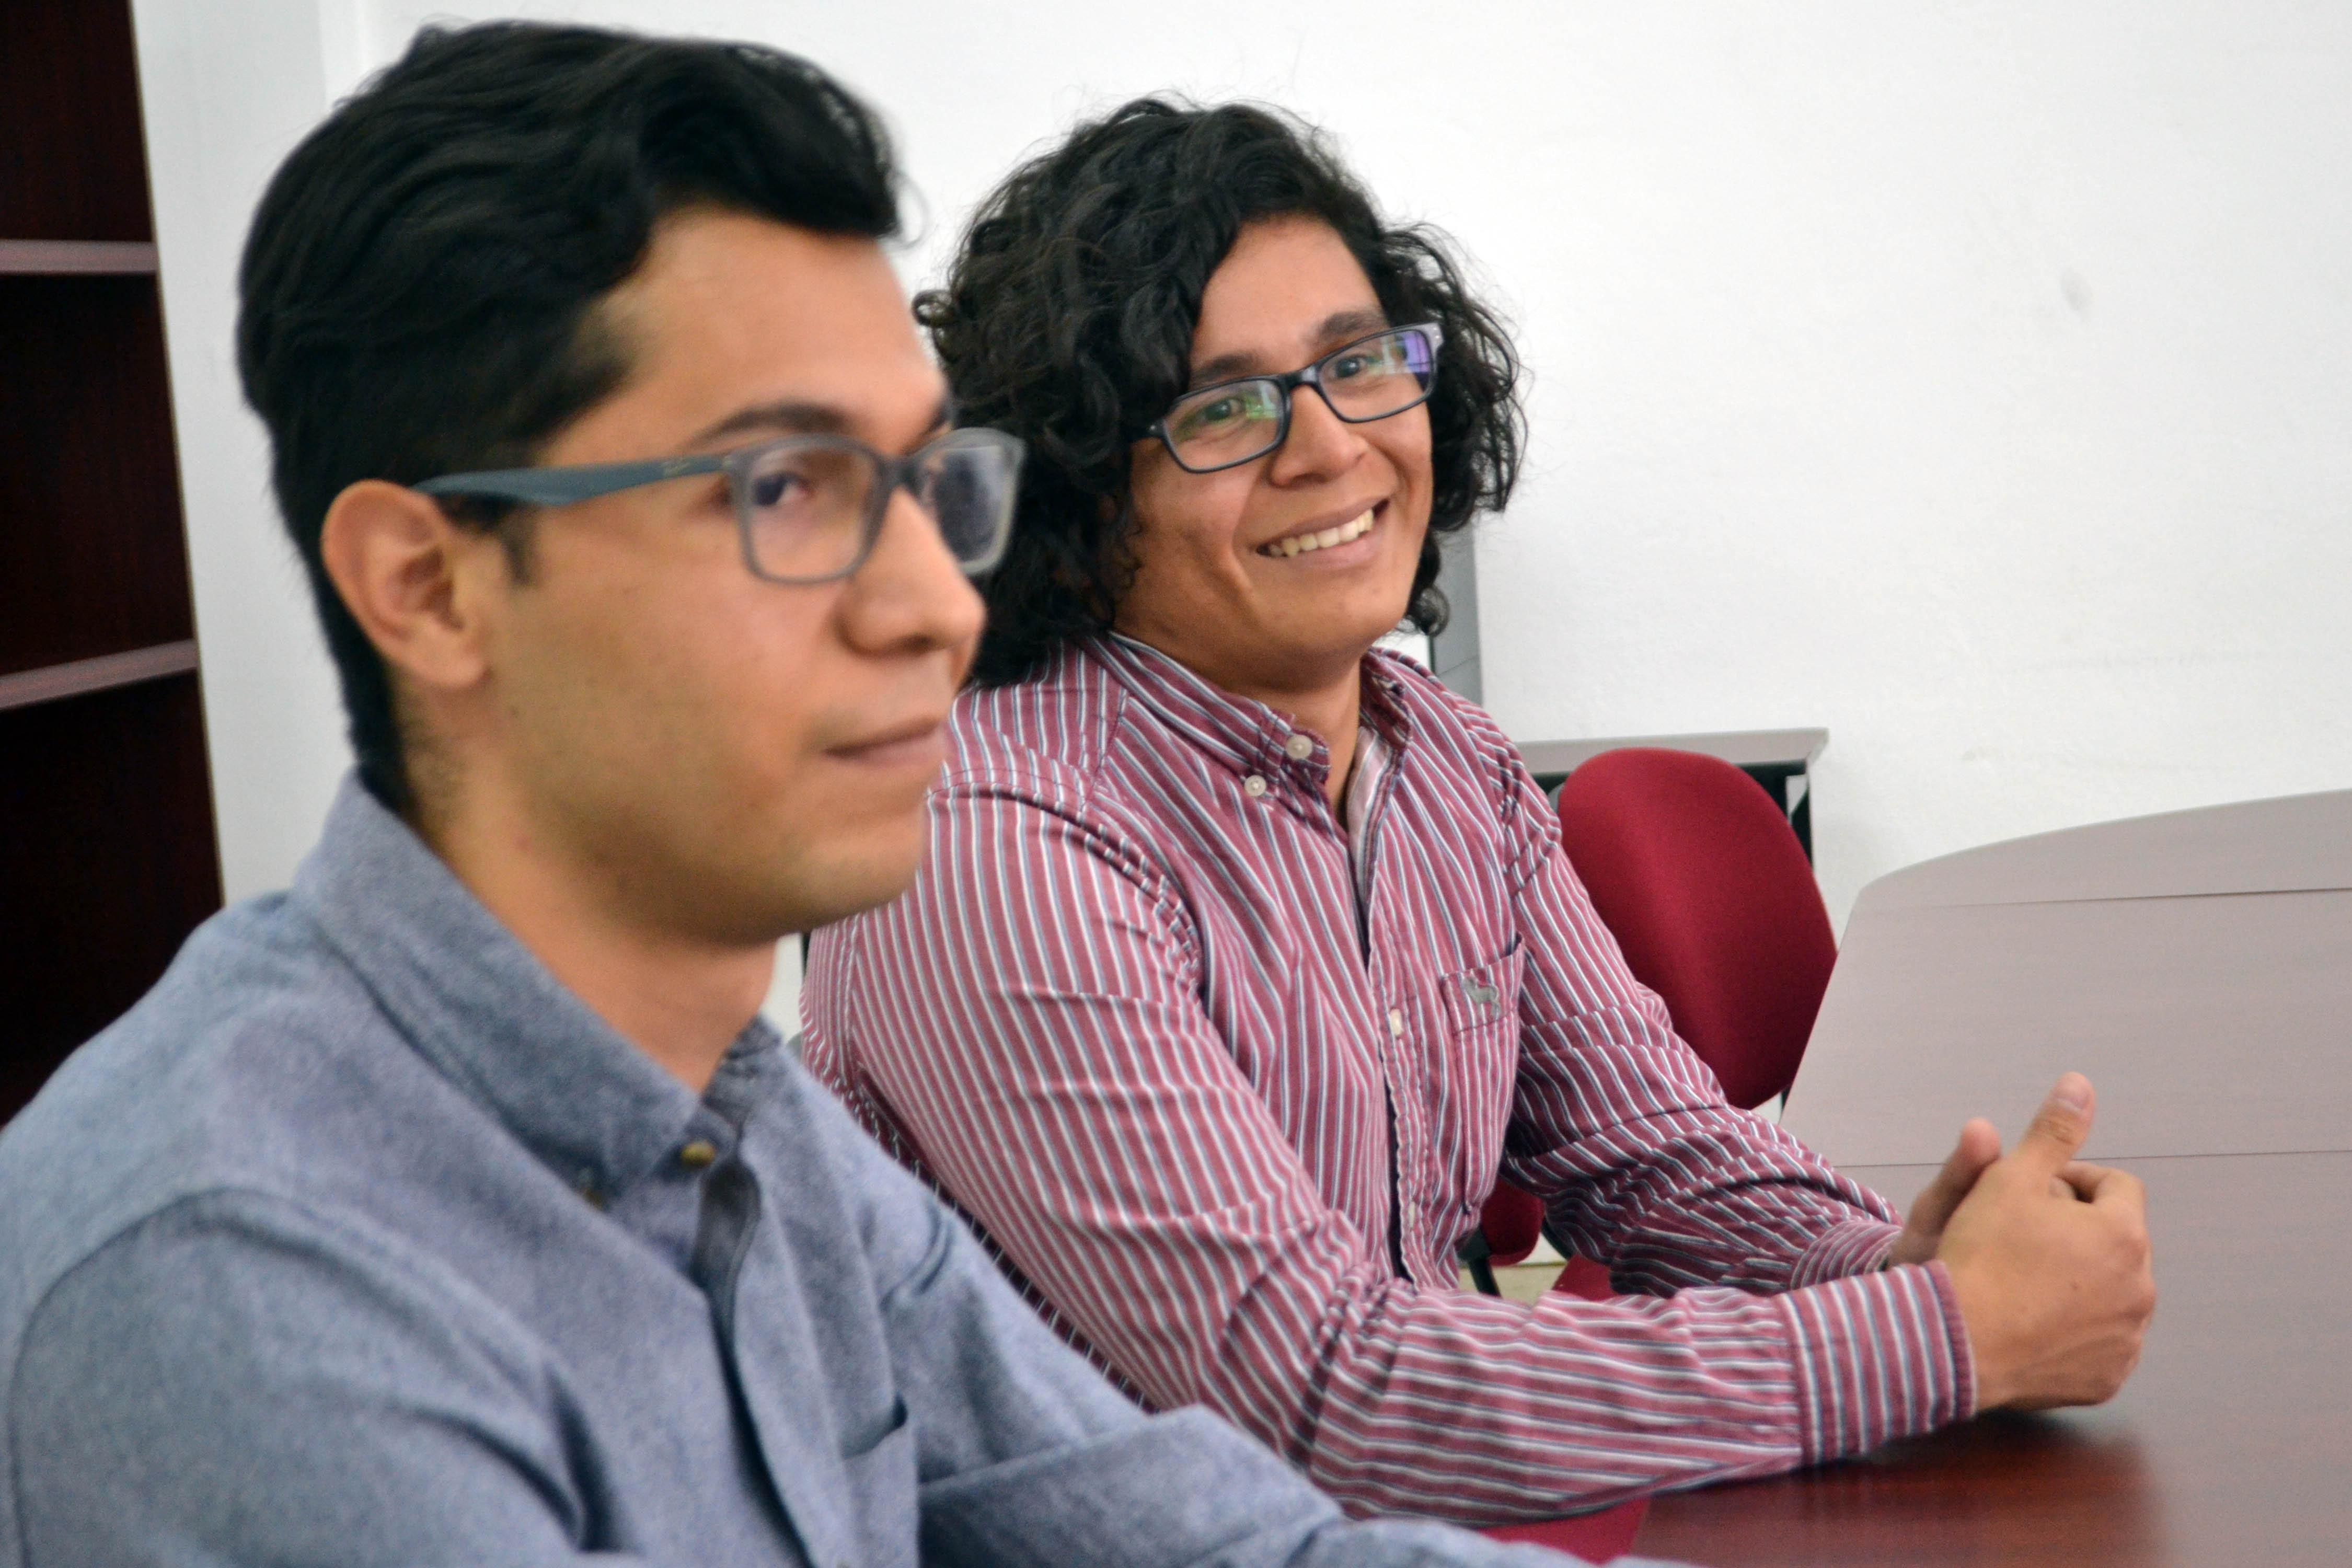 Resultado de imagen para Estudiantes de la BUAP realizarán estancia de investigación en la Agencia Espacial Mexicana